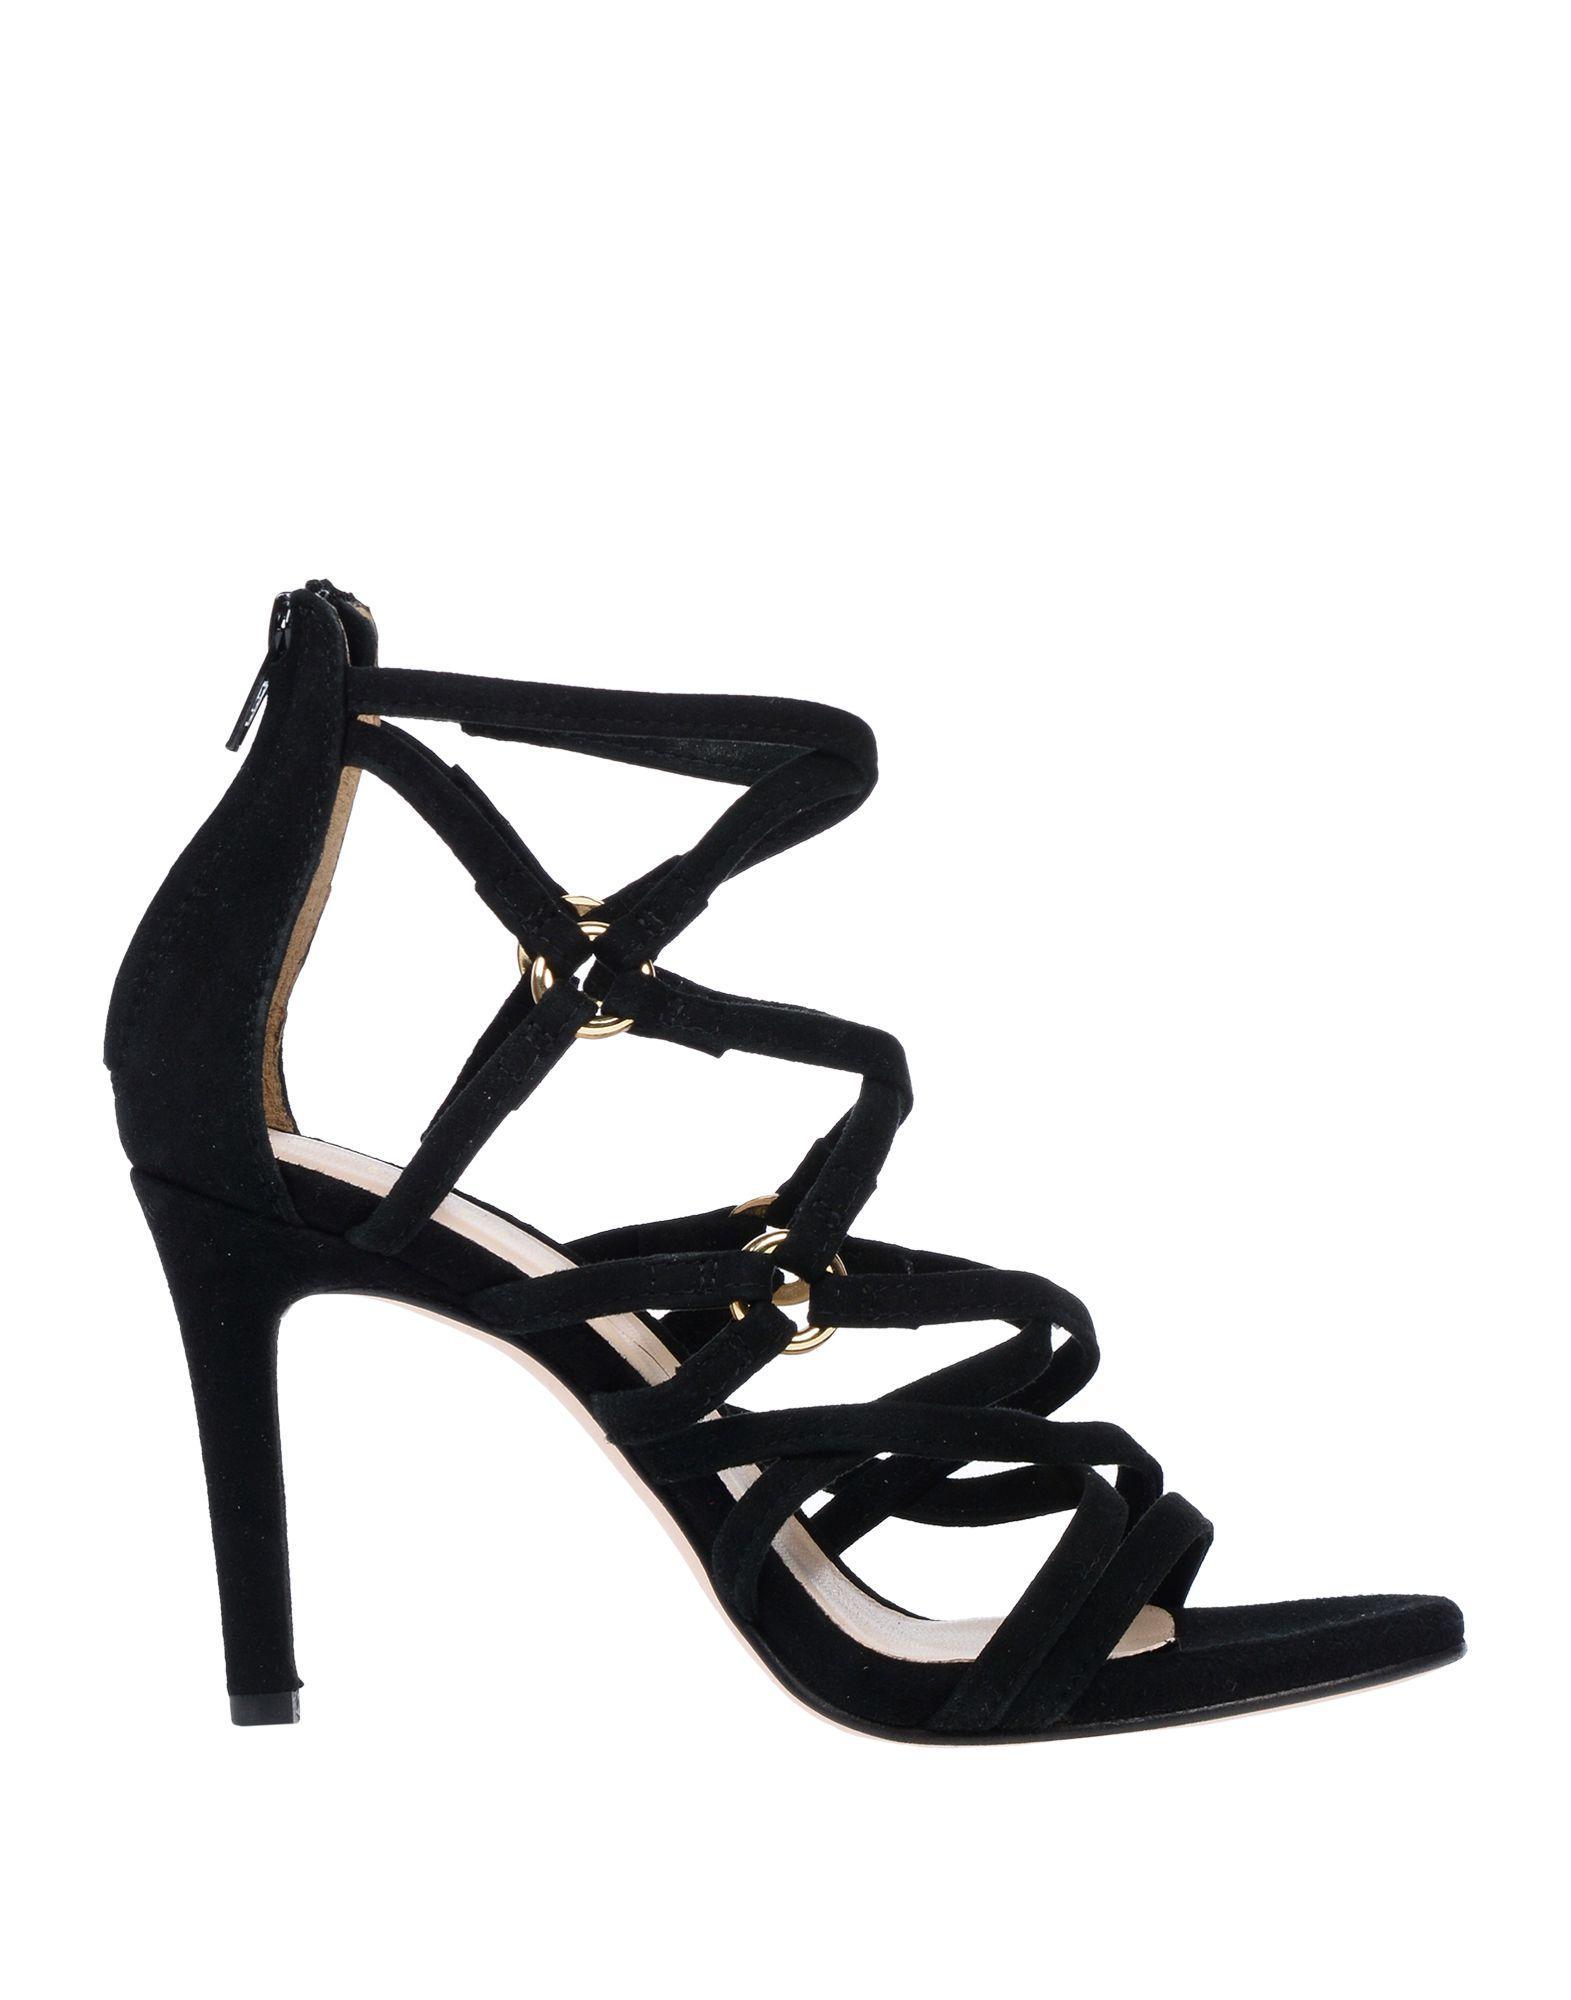 503fe3685e6b Lyst - Unisa Sandals in Black